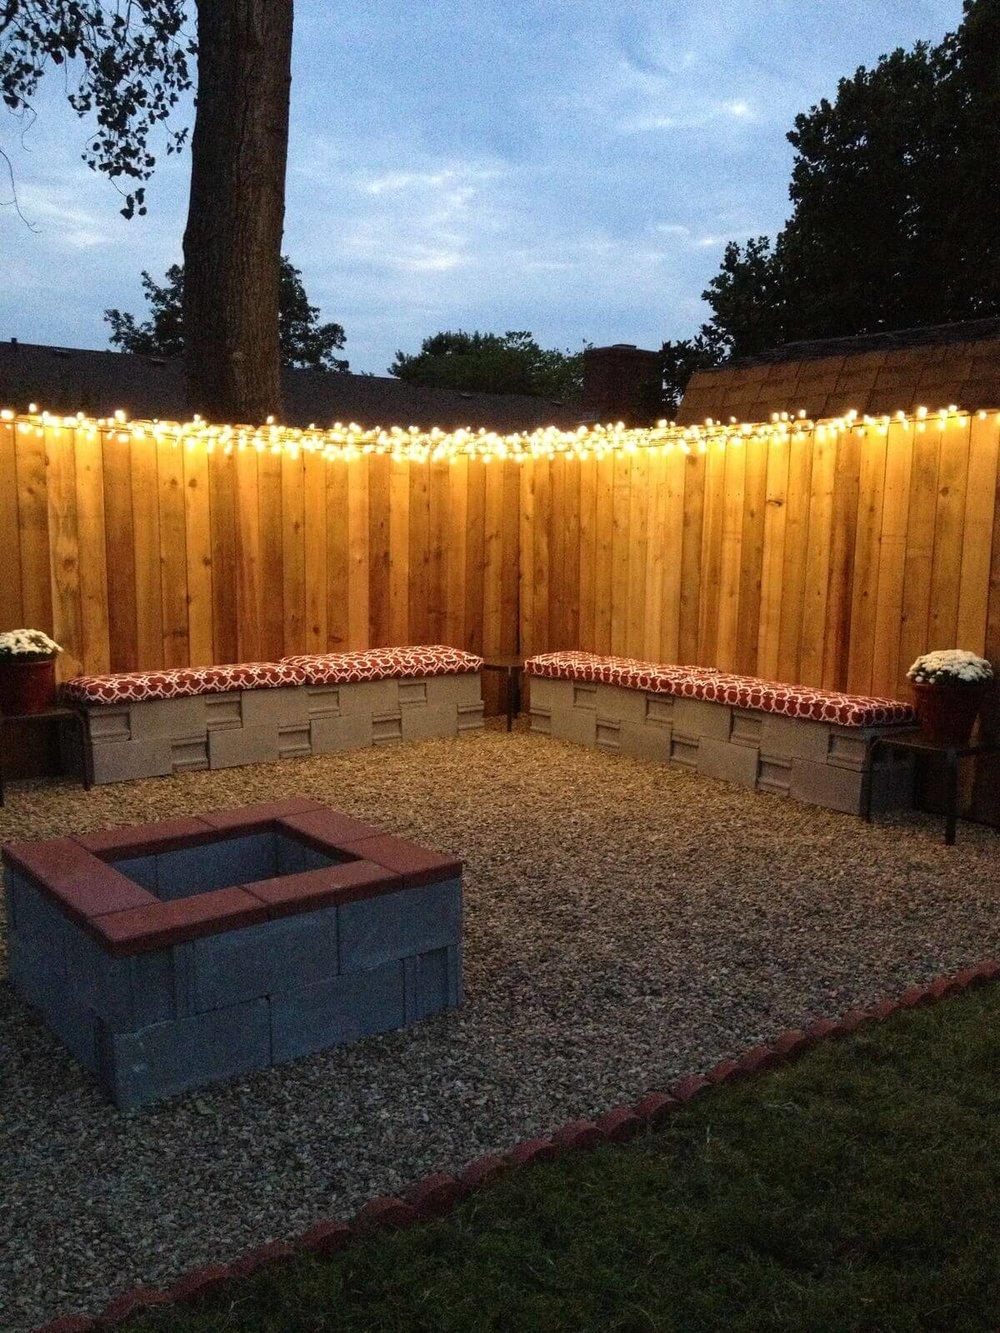 08-backyard-lighting-ideas-homebnc.jpg